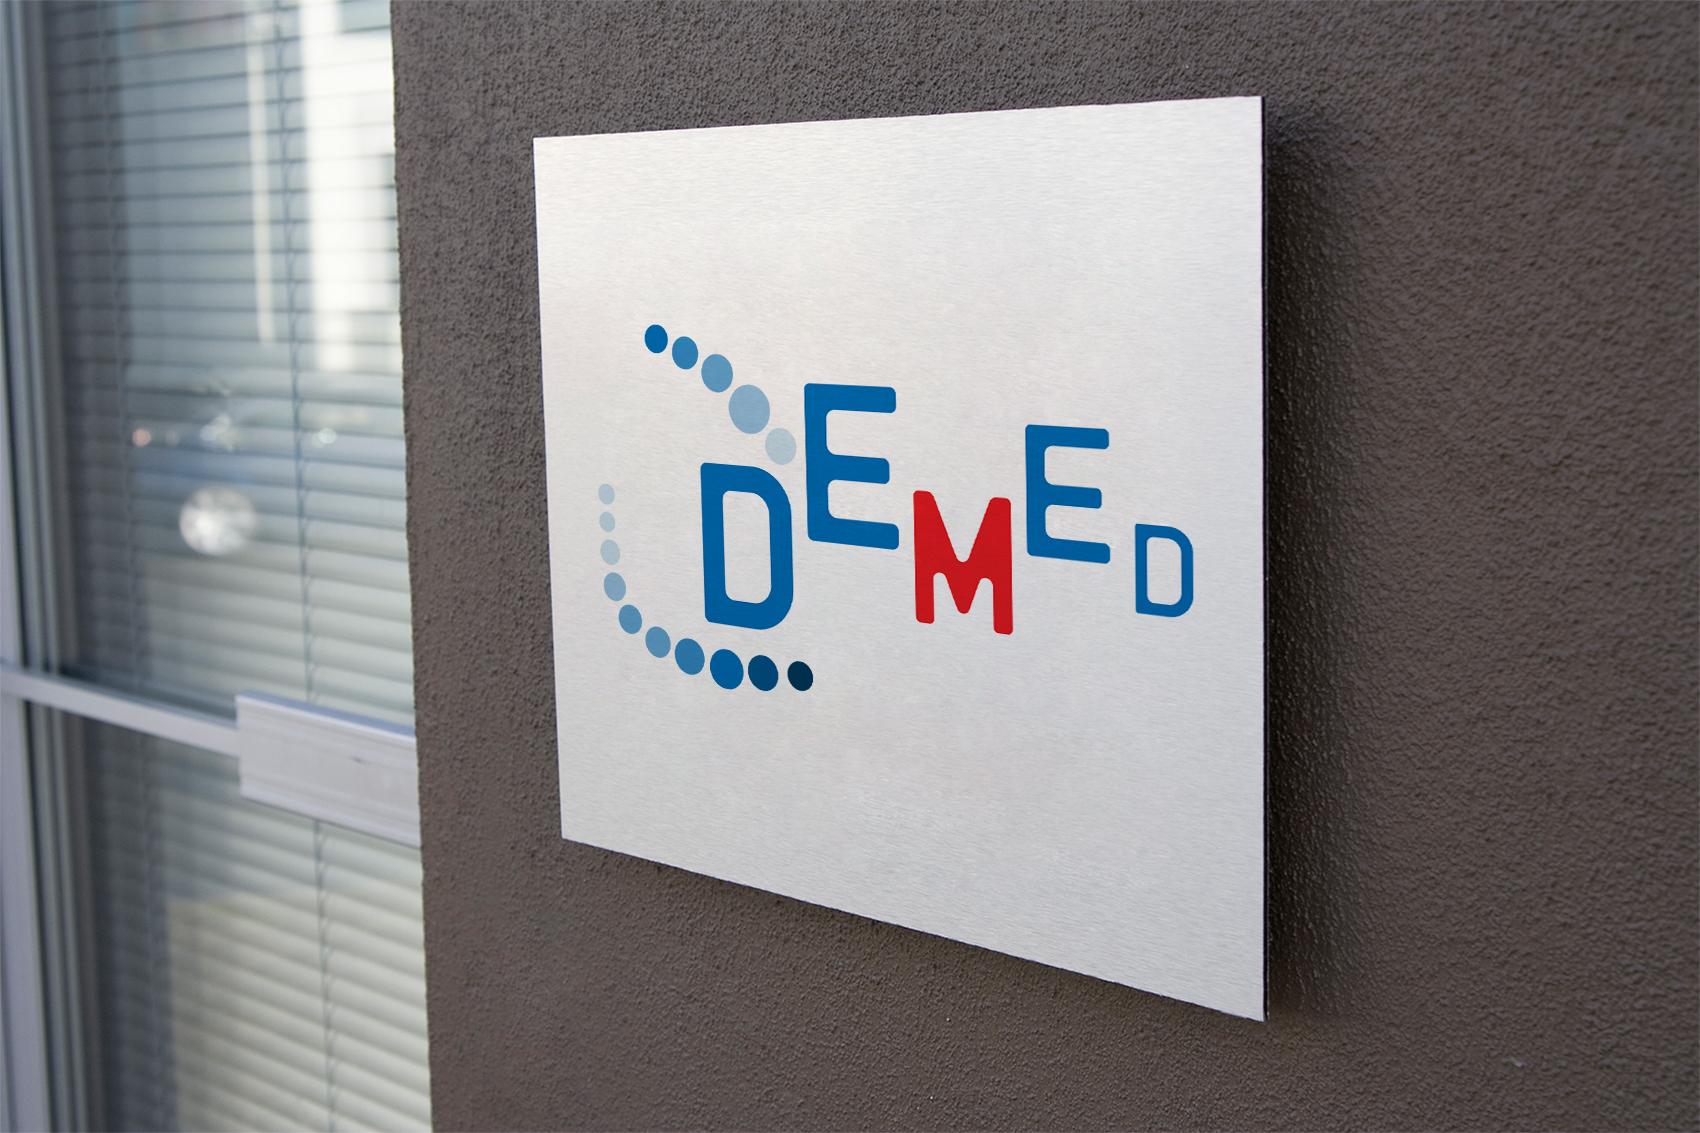 Логотип медицинского центра фото f_6475dc6a04a5f418.jpg